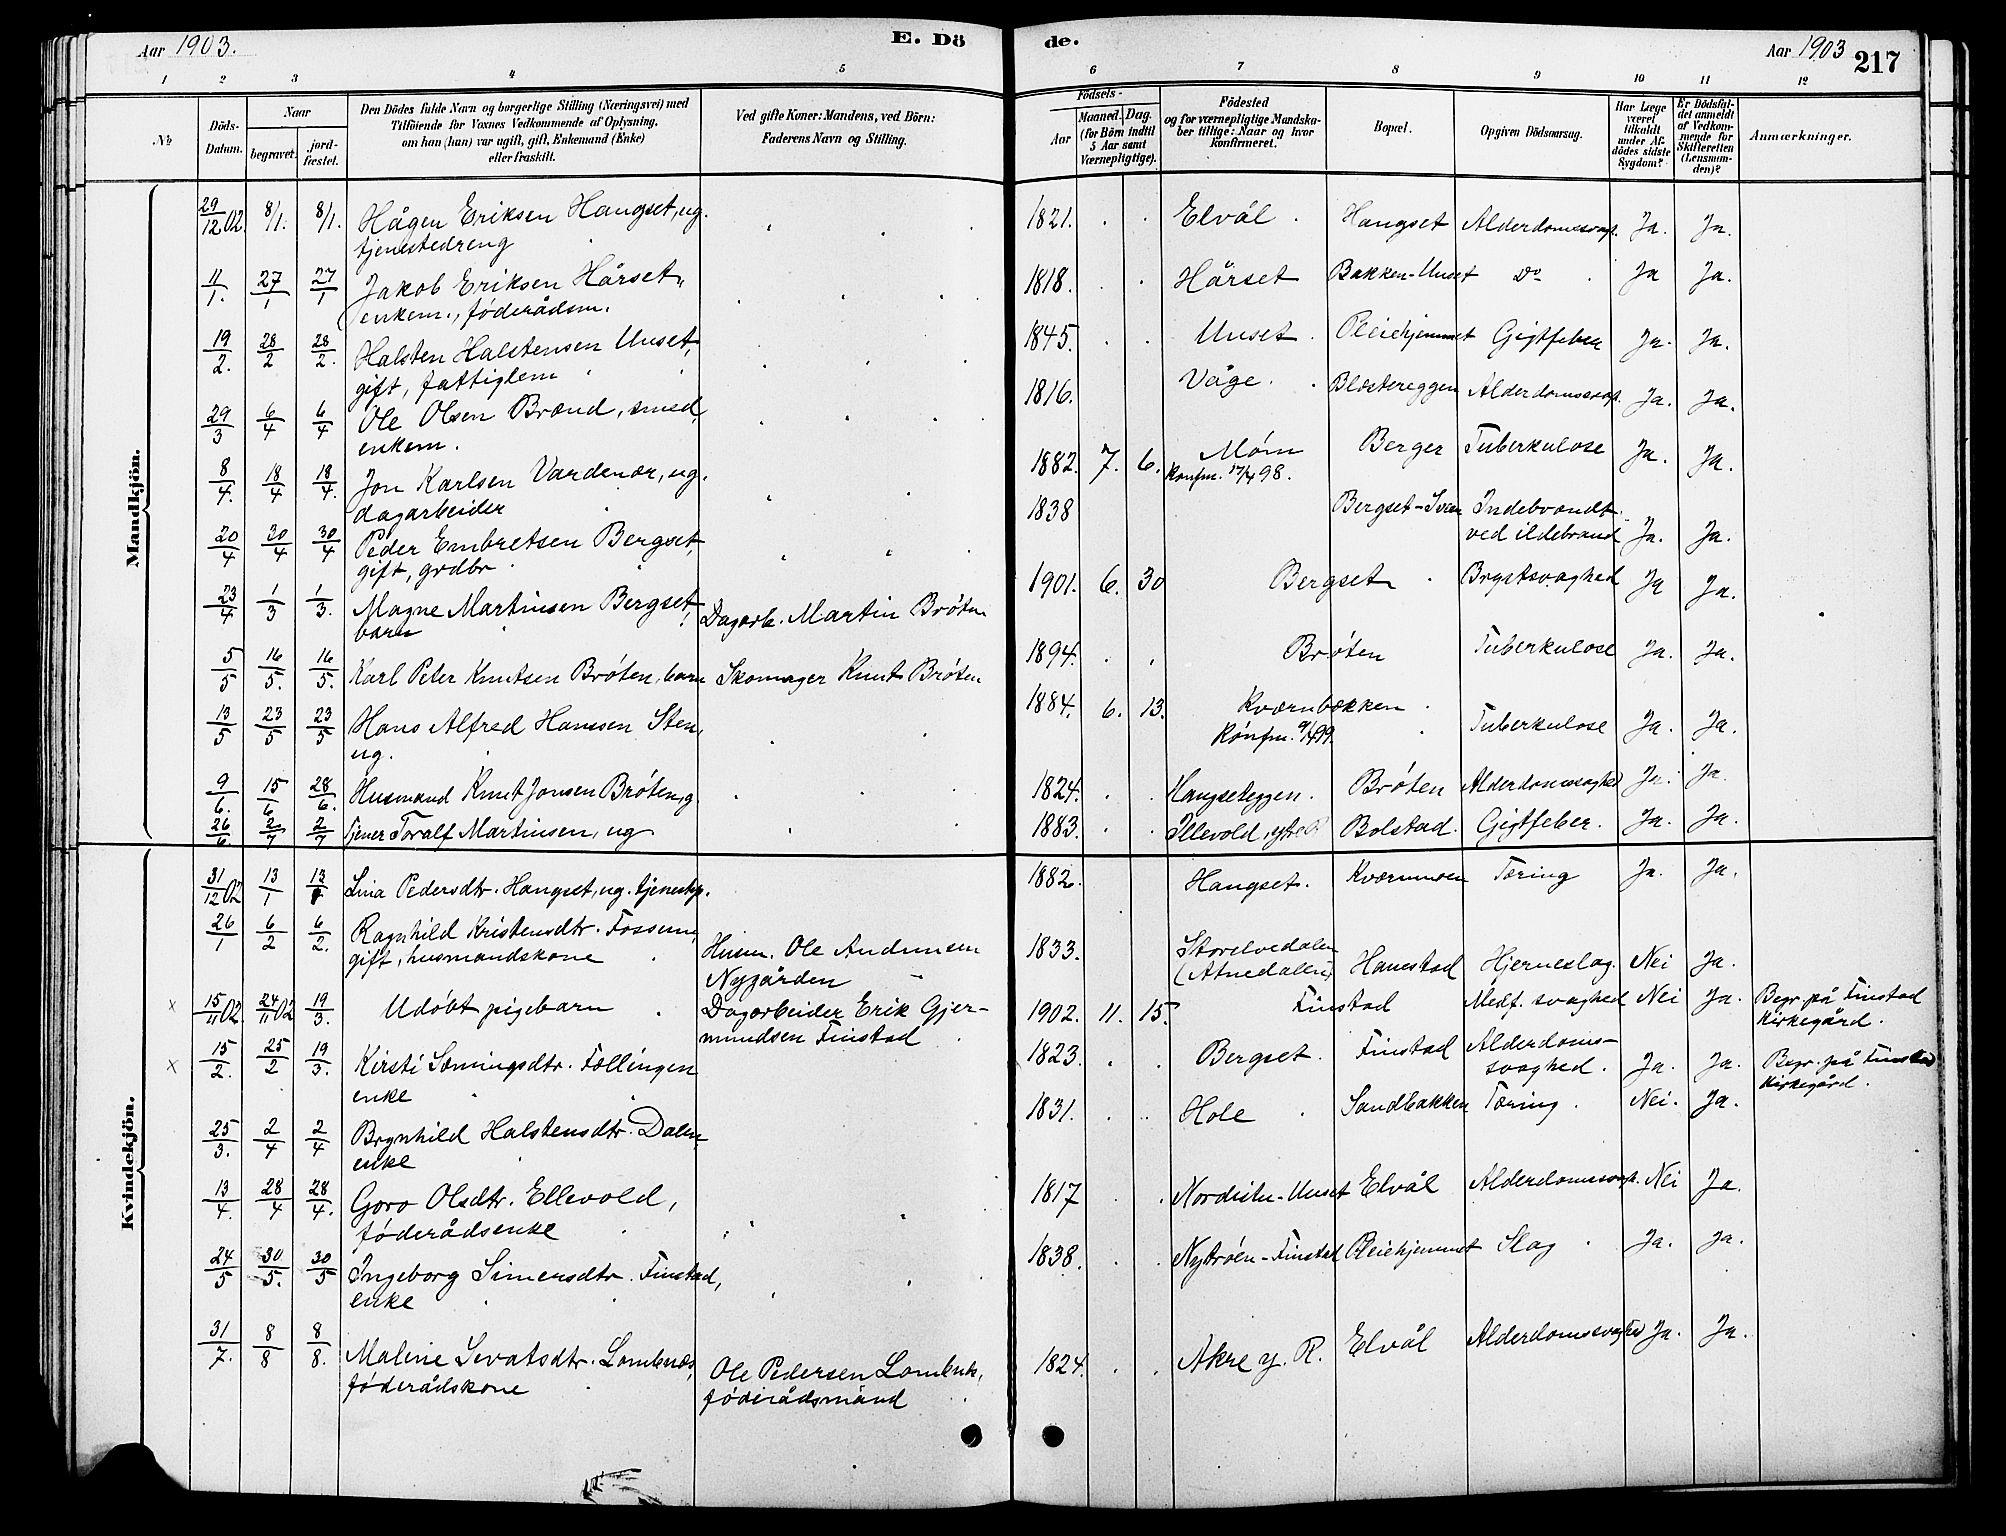 SAH, Rendalen prestekontor, H/Ha/Hab/L0003: Klokkerbok nr. 3, 1879-1904, s. 217